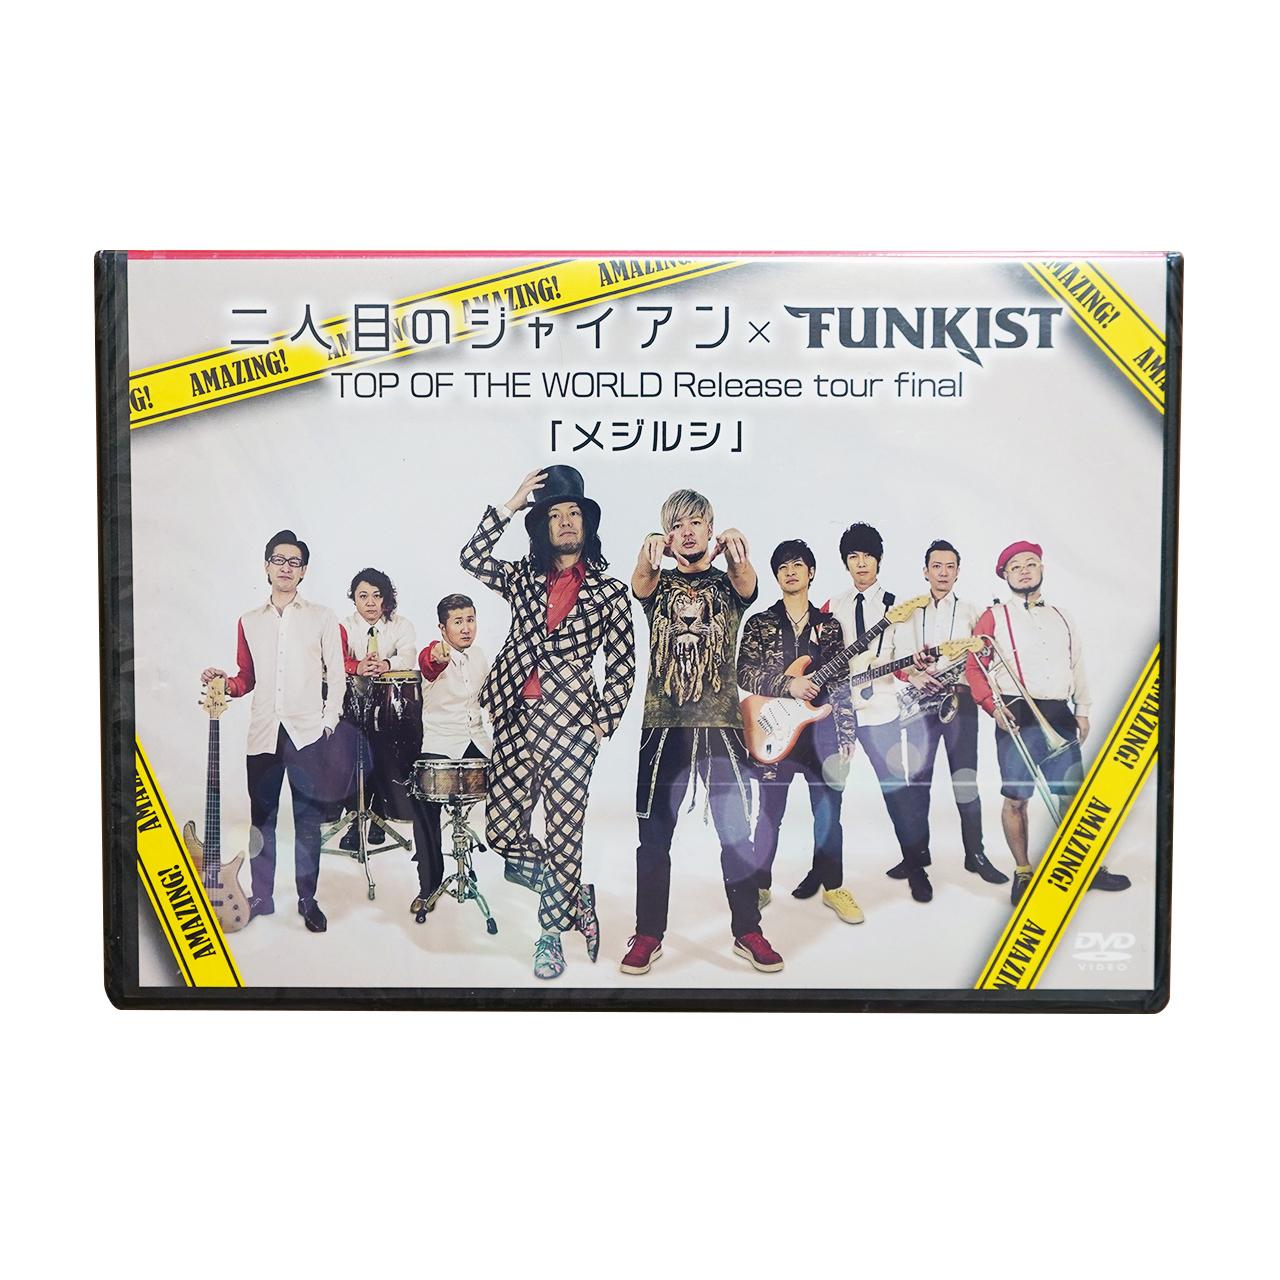 【ライブDVD】TOP OF THE WORLD Release tour final メジルシ / 二人目のジャイアン×FUNKIST